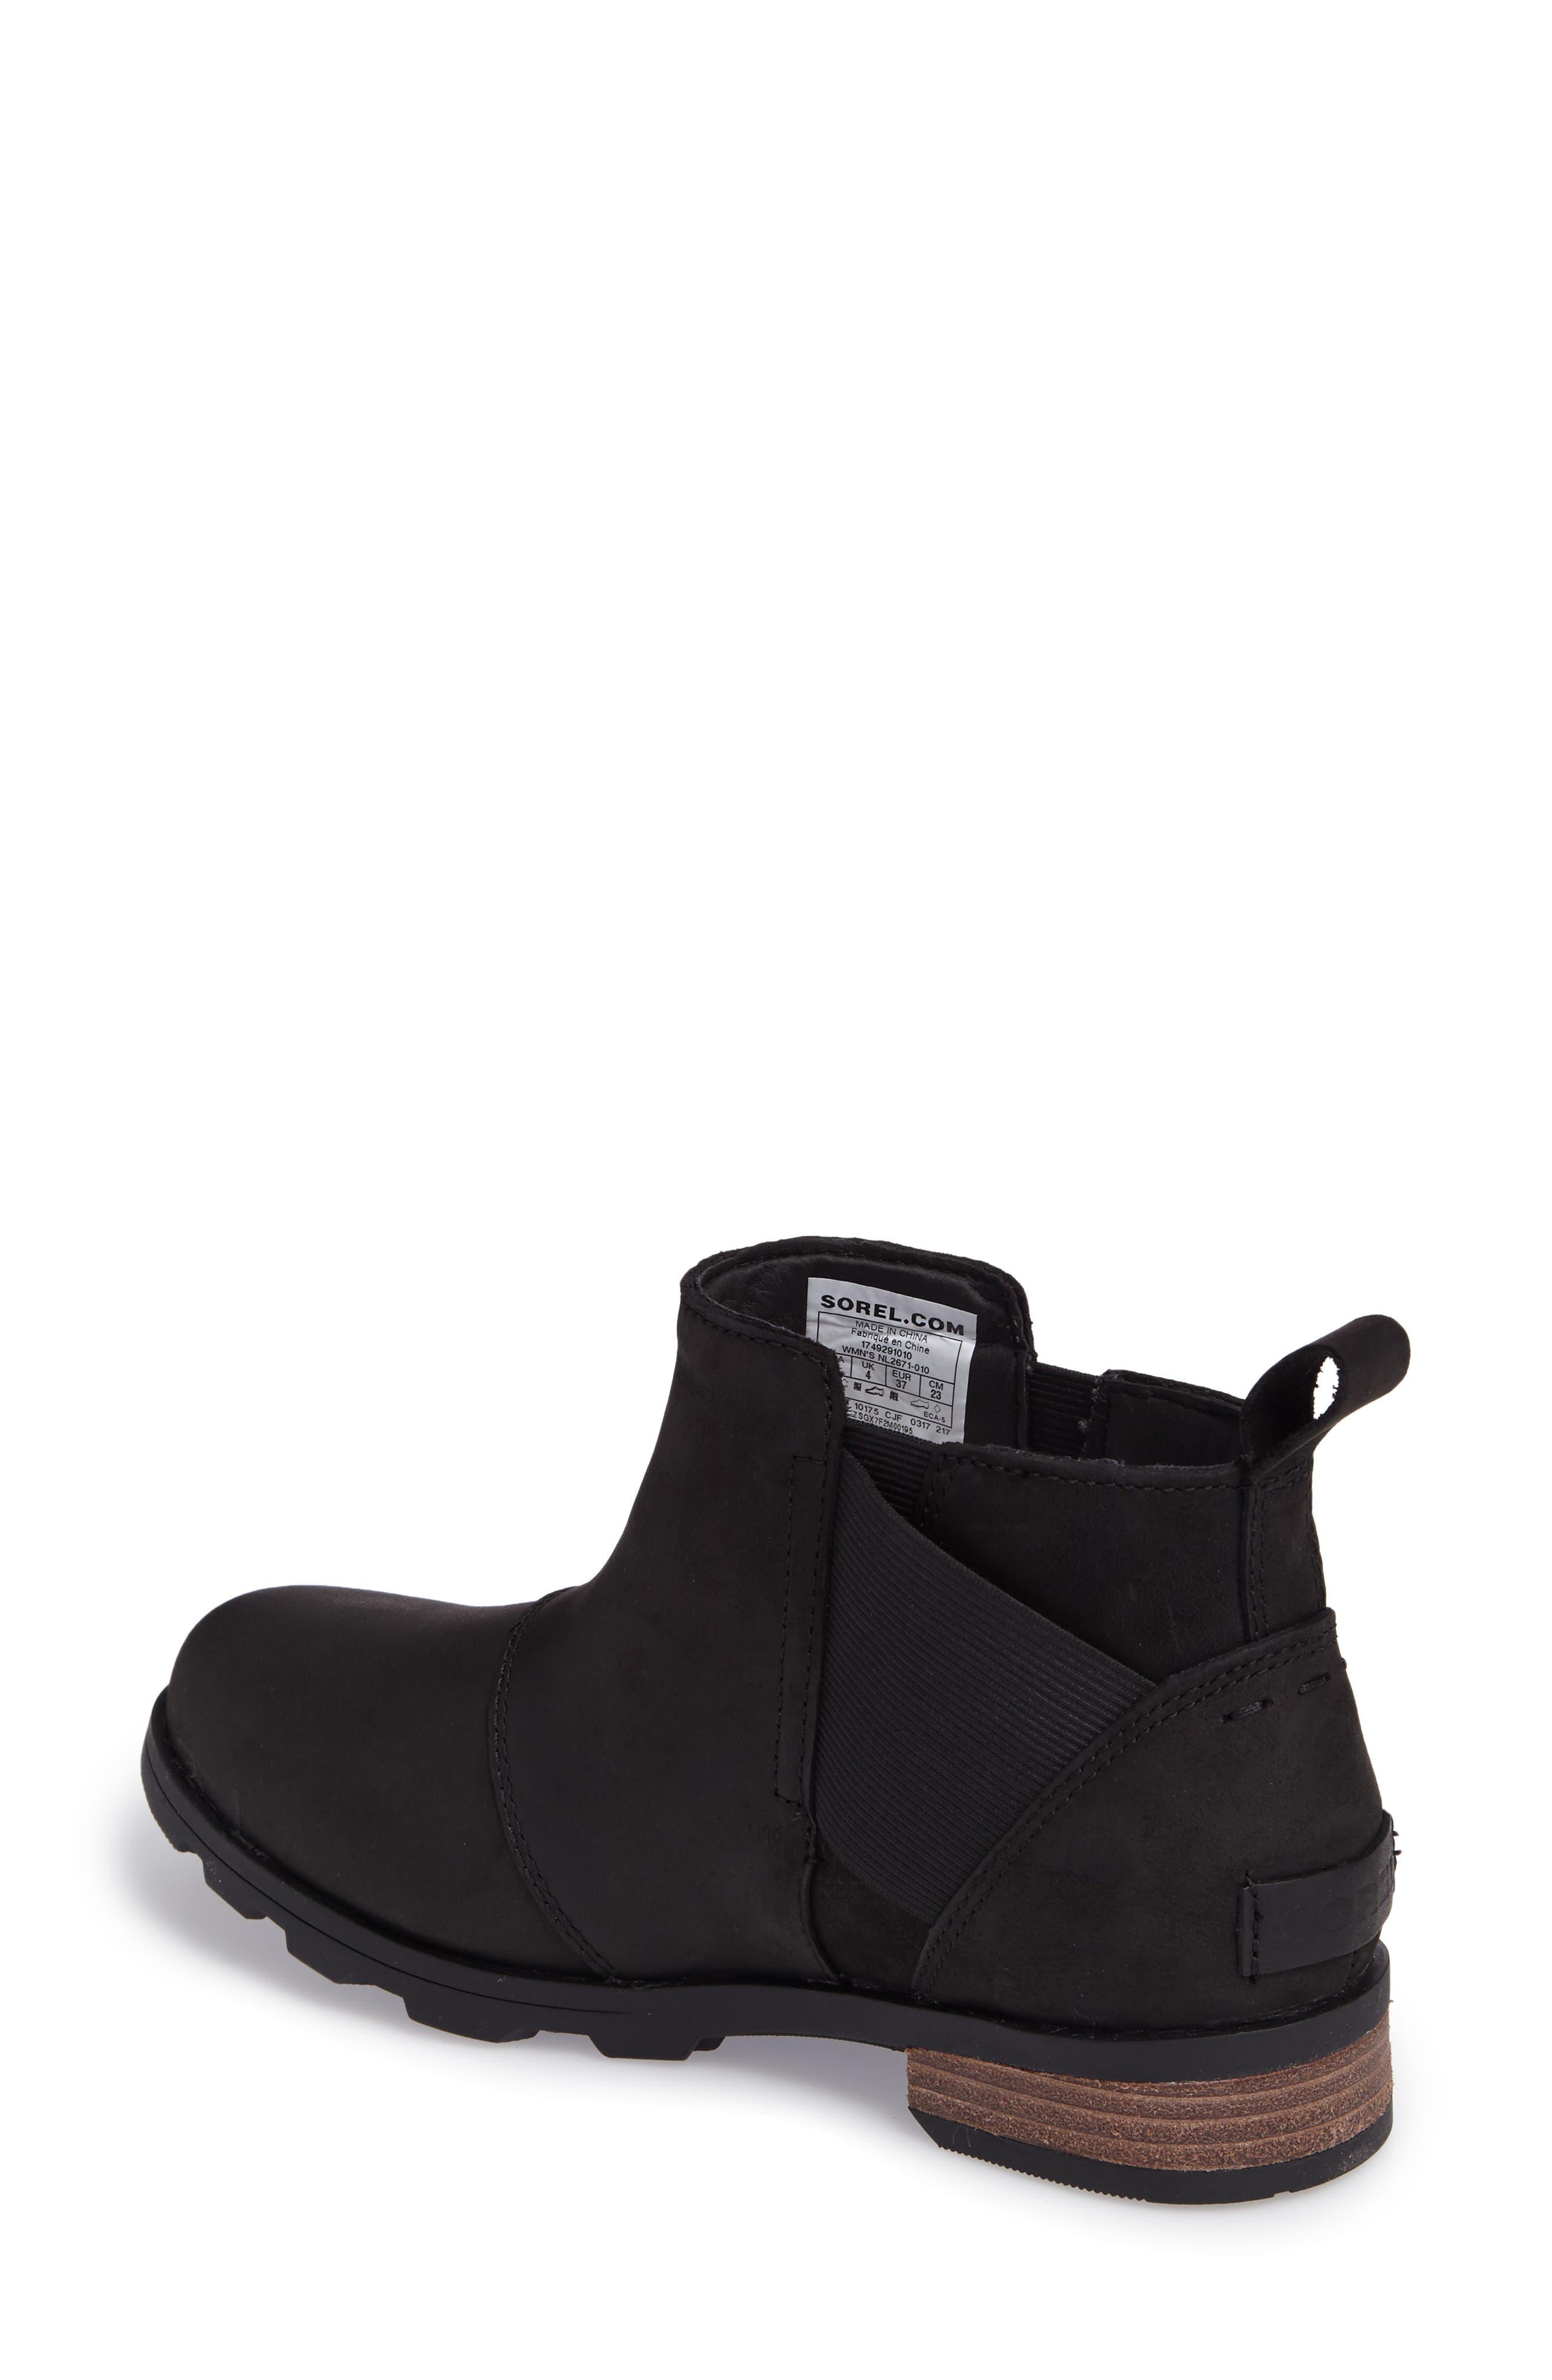 Emelie Waterproof Chelsea Boot,                             Alternate thumbnail 2, color,                             Black/ Black